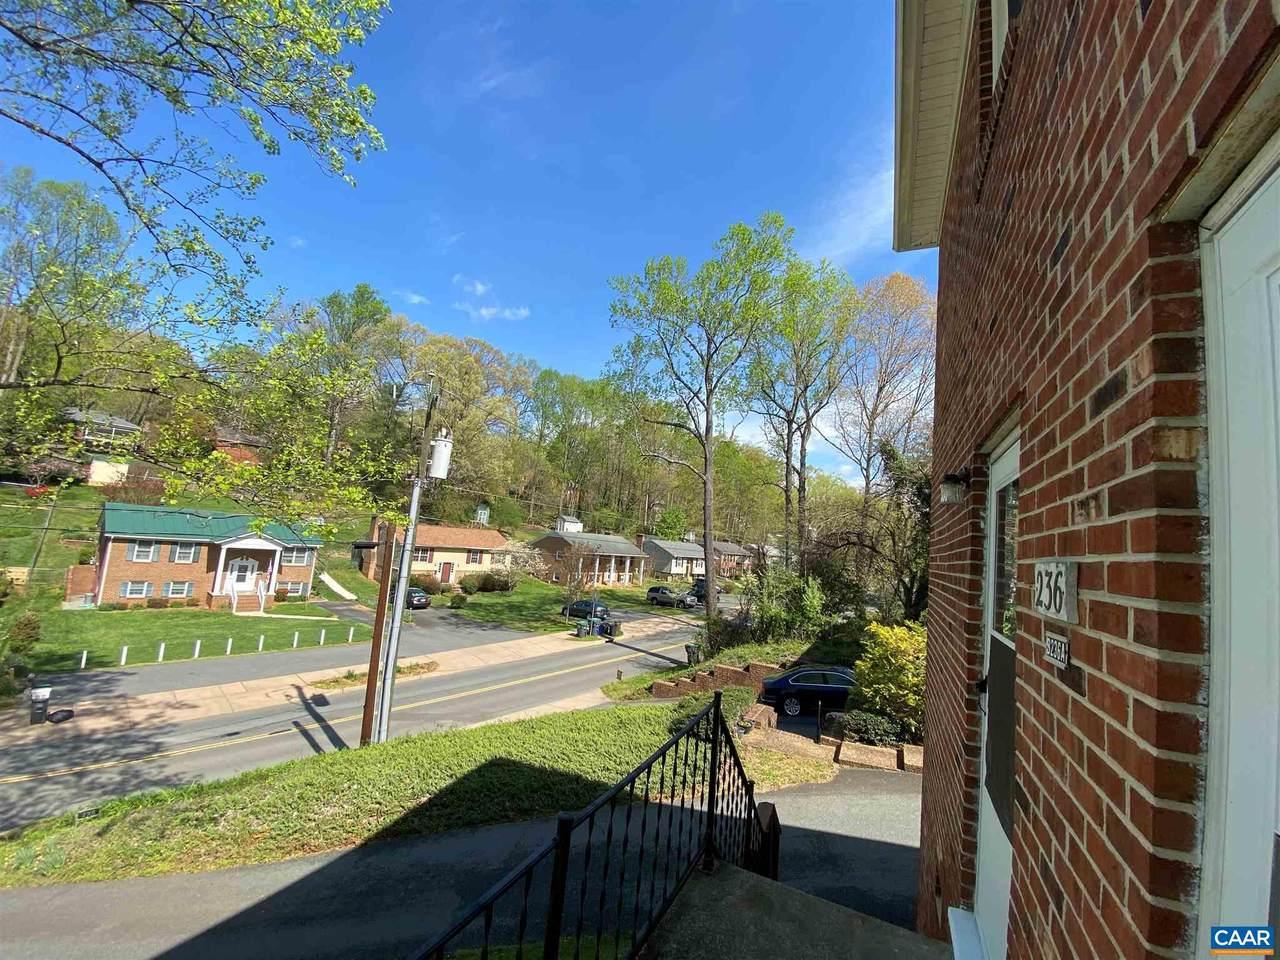 236 Old Lynchburg Rd - Photo 1